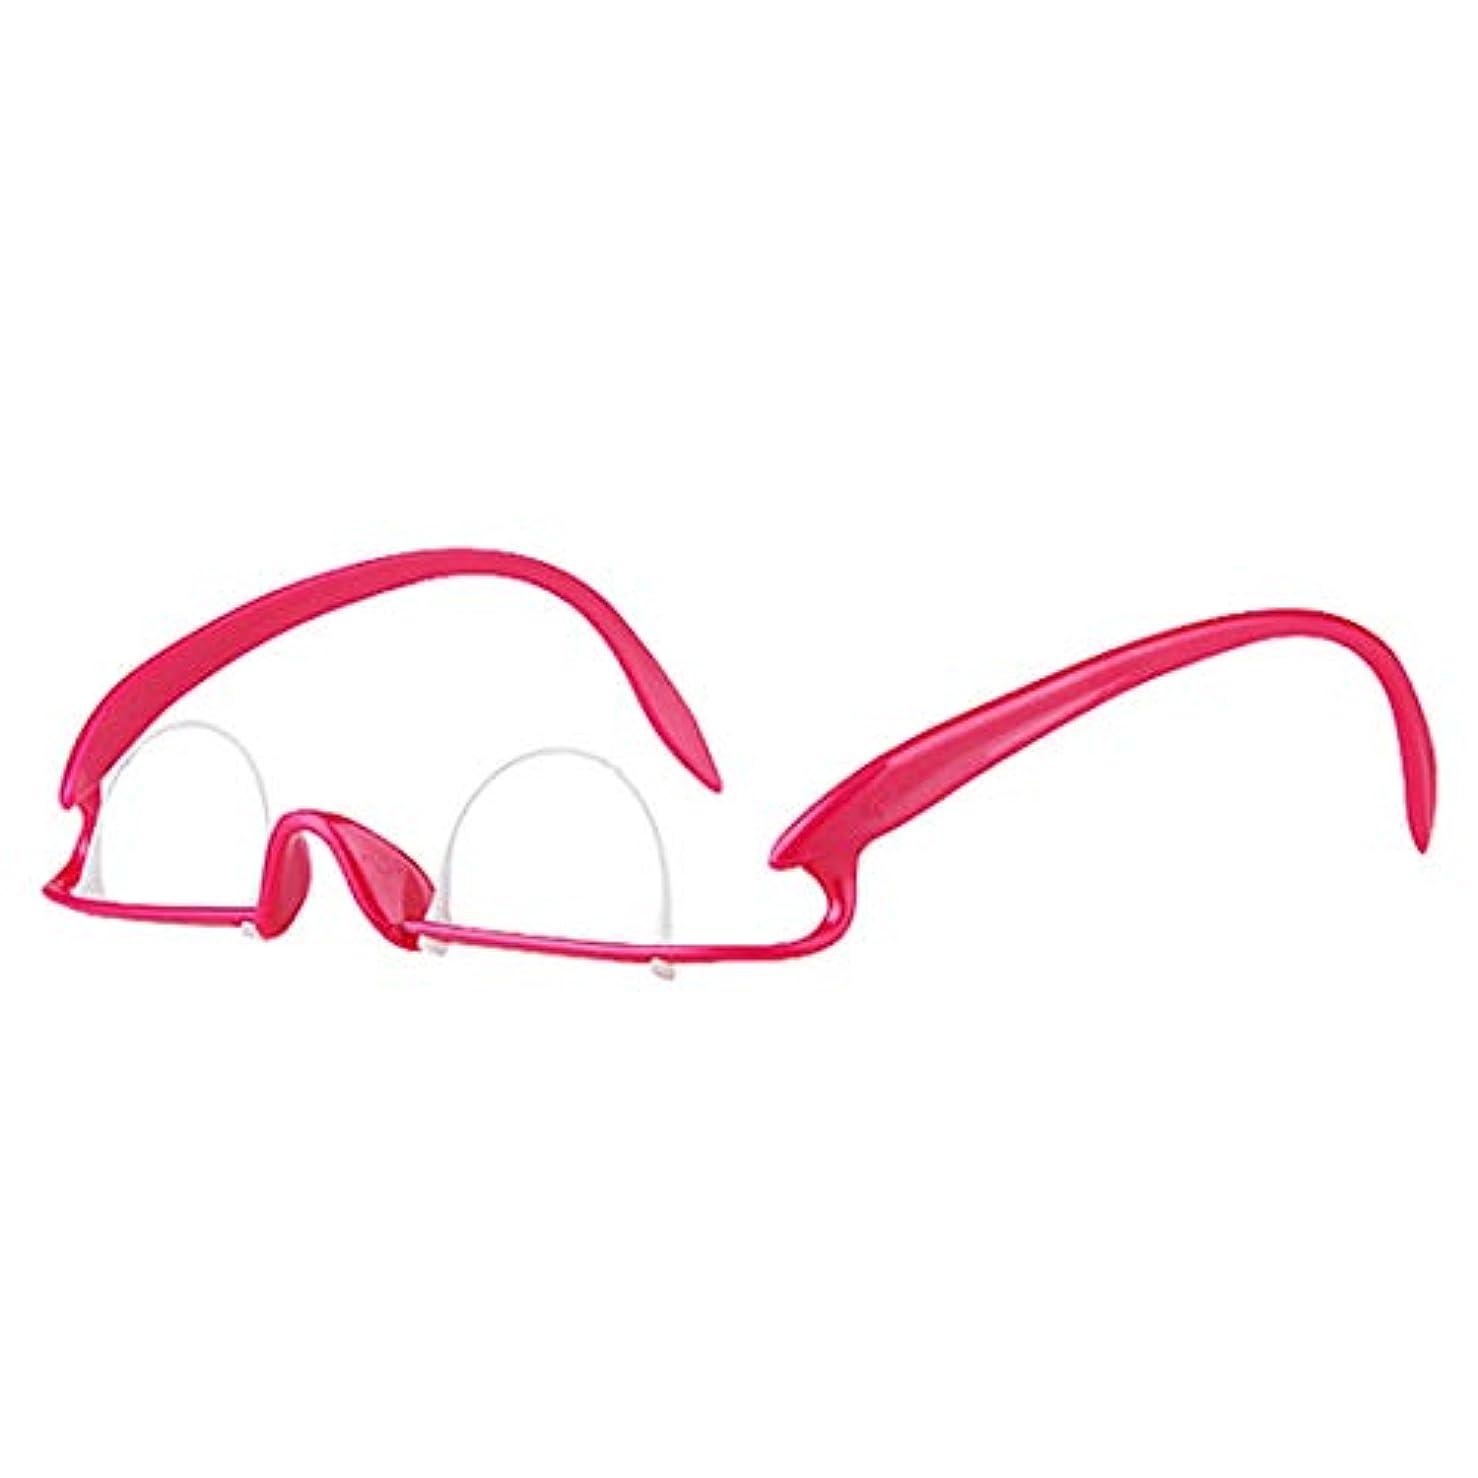 置き場ネックレス晩ごはん億騰 二重まぶた用メガネ 二重まぶた運動 二重まぶた形成 二重まぶた運動器 メガネトレーナー